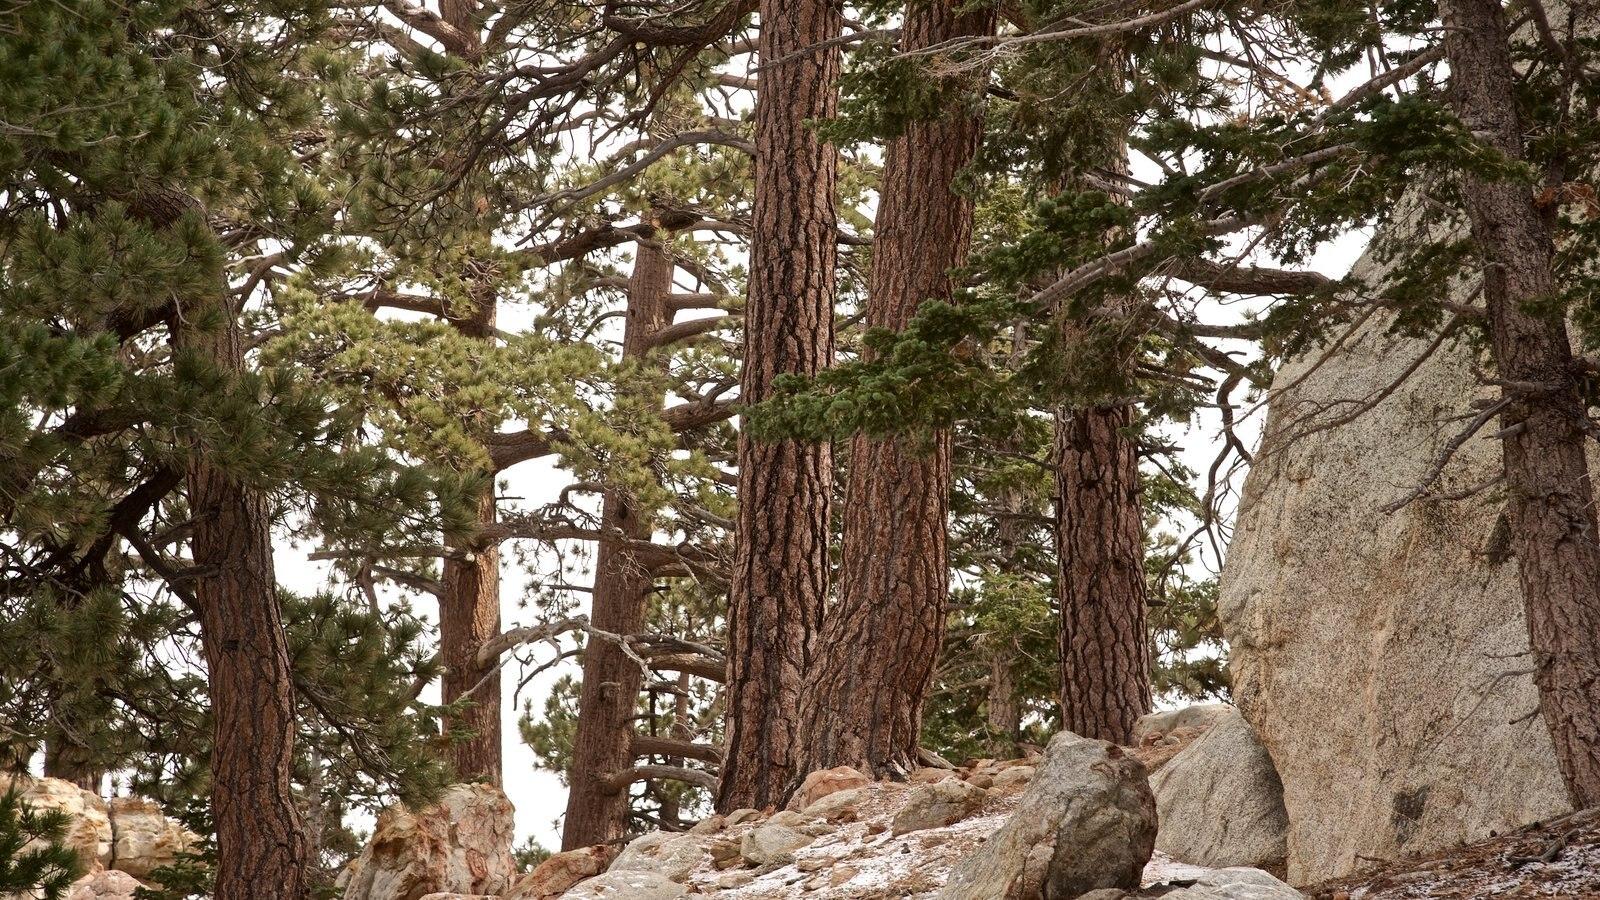 Parque estatal Mount San Jacinto ofreciendo escenas tranquilas y escenas forestales